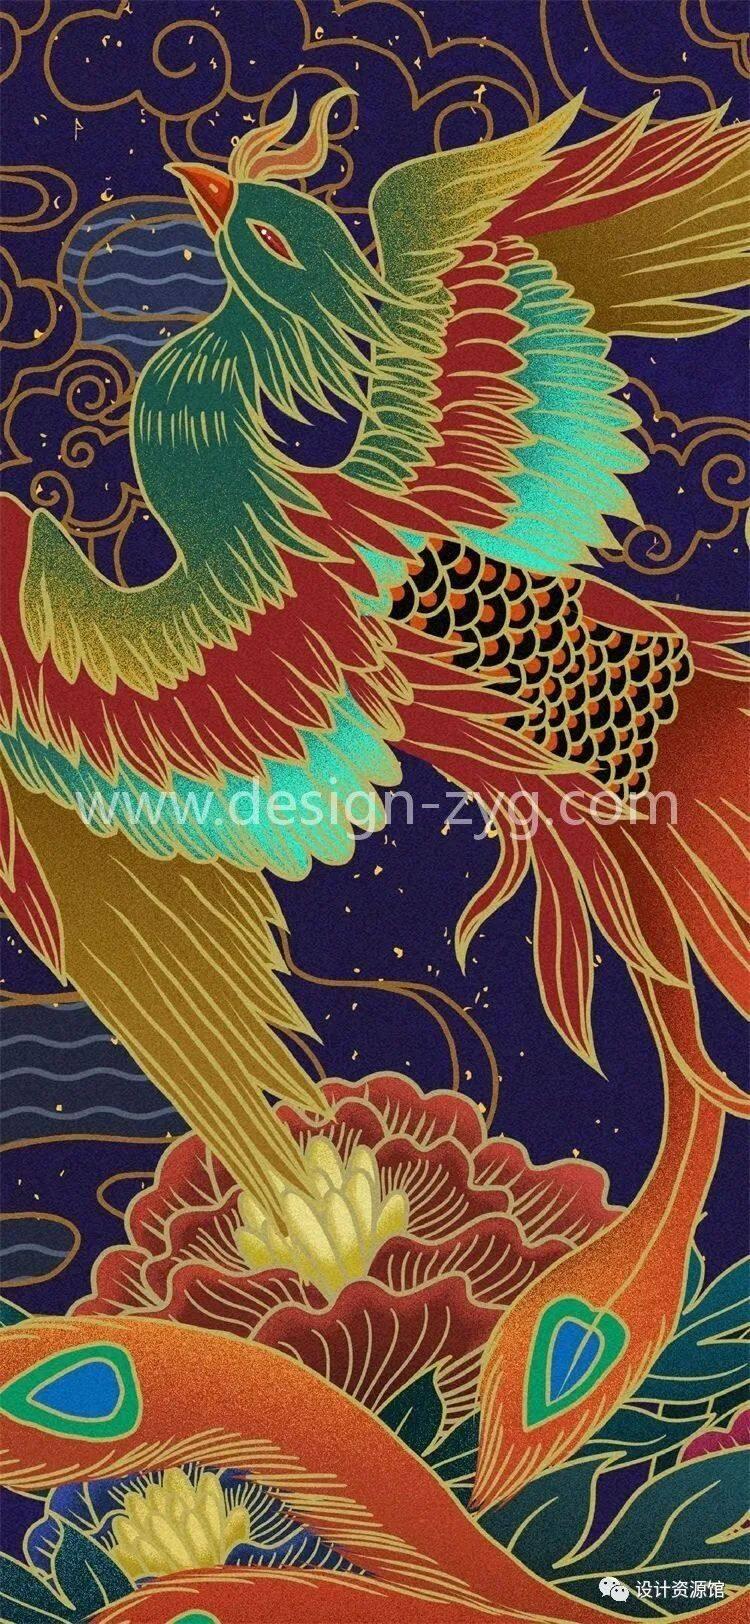 中国风合集 中国传统纹样锦集+中国风精美潮流插画+精美纸质纹理素材【712期】插图20